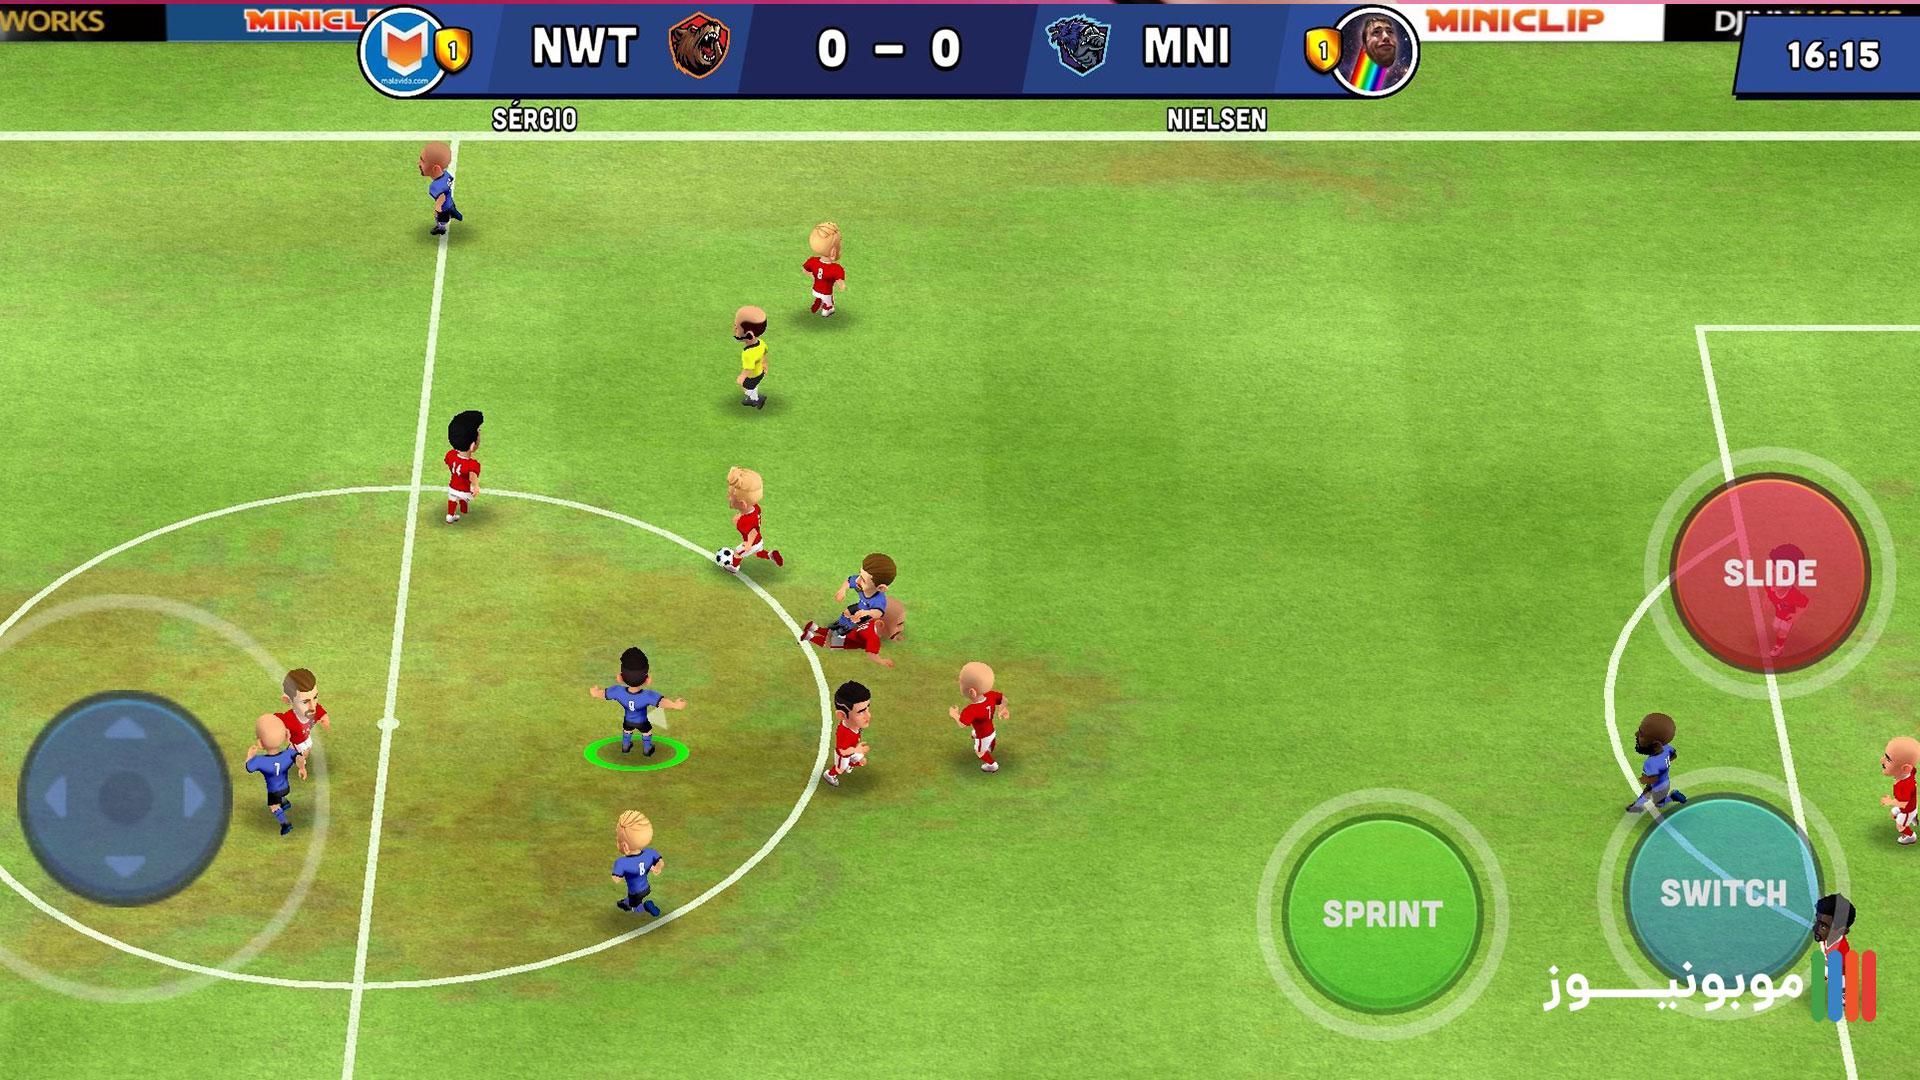 گیم پلی بازی مینی فوتبال برای موبایل